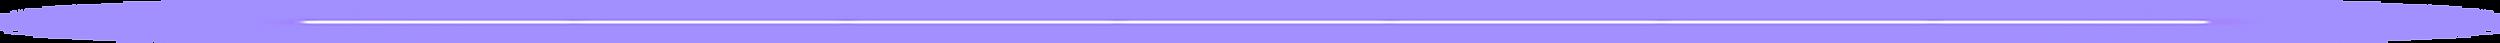 Purple Striptest.png